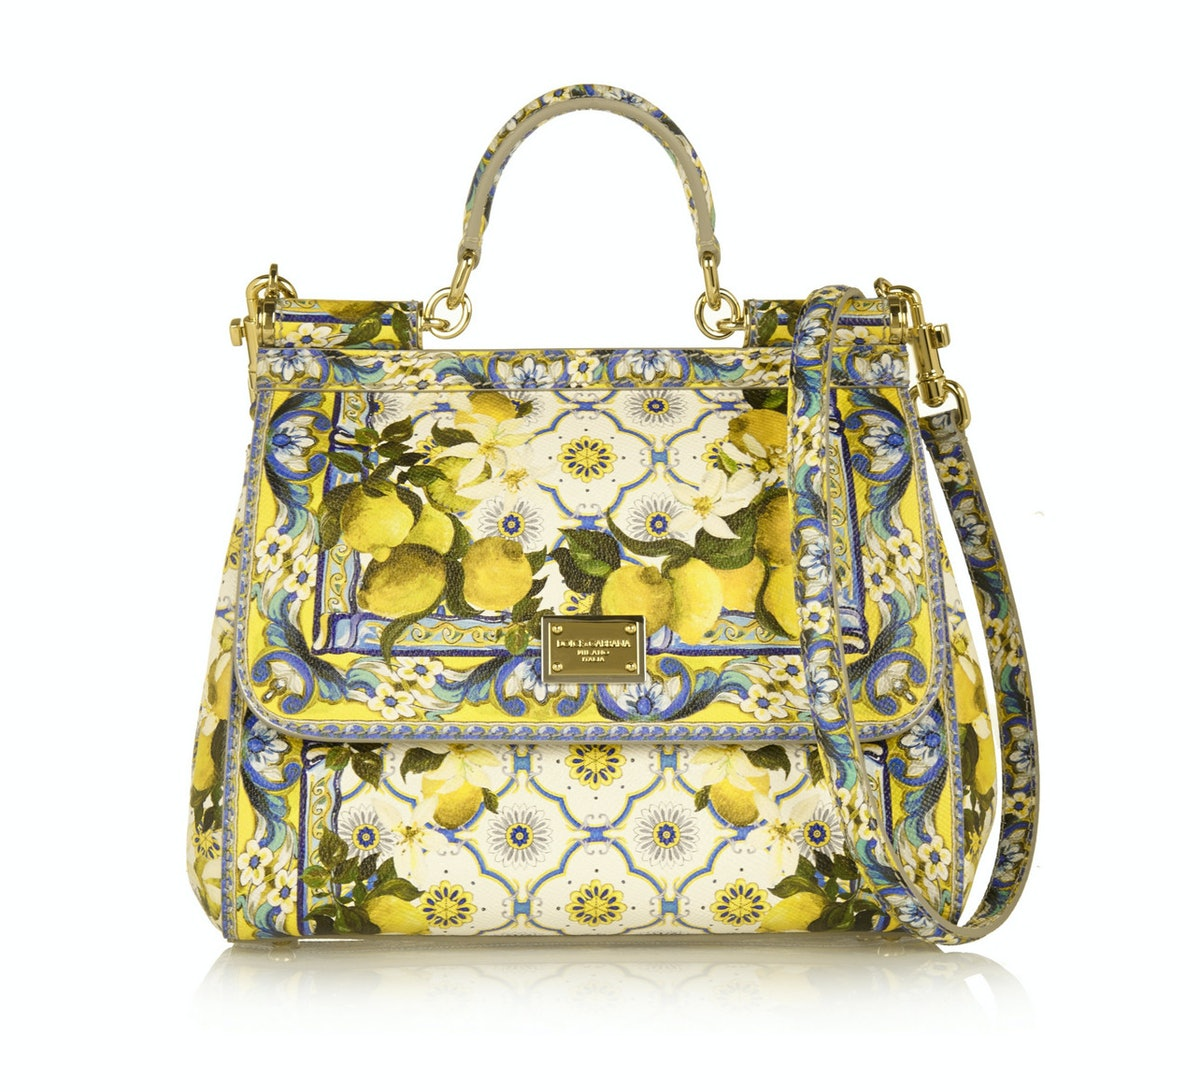 Dolce & Gabbana tote